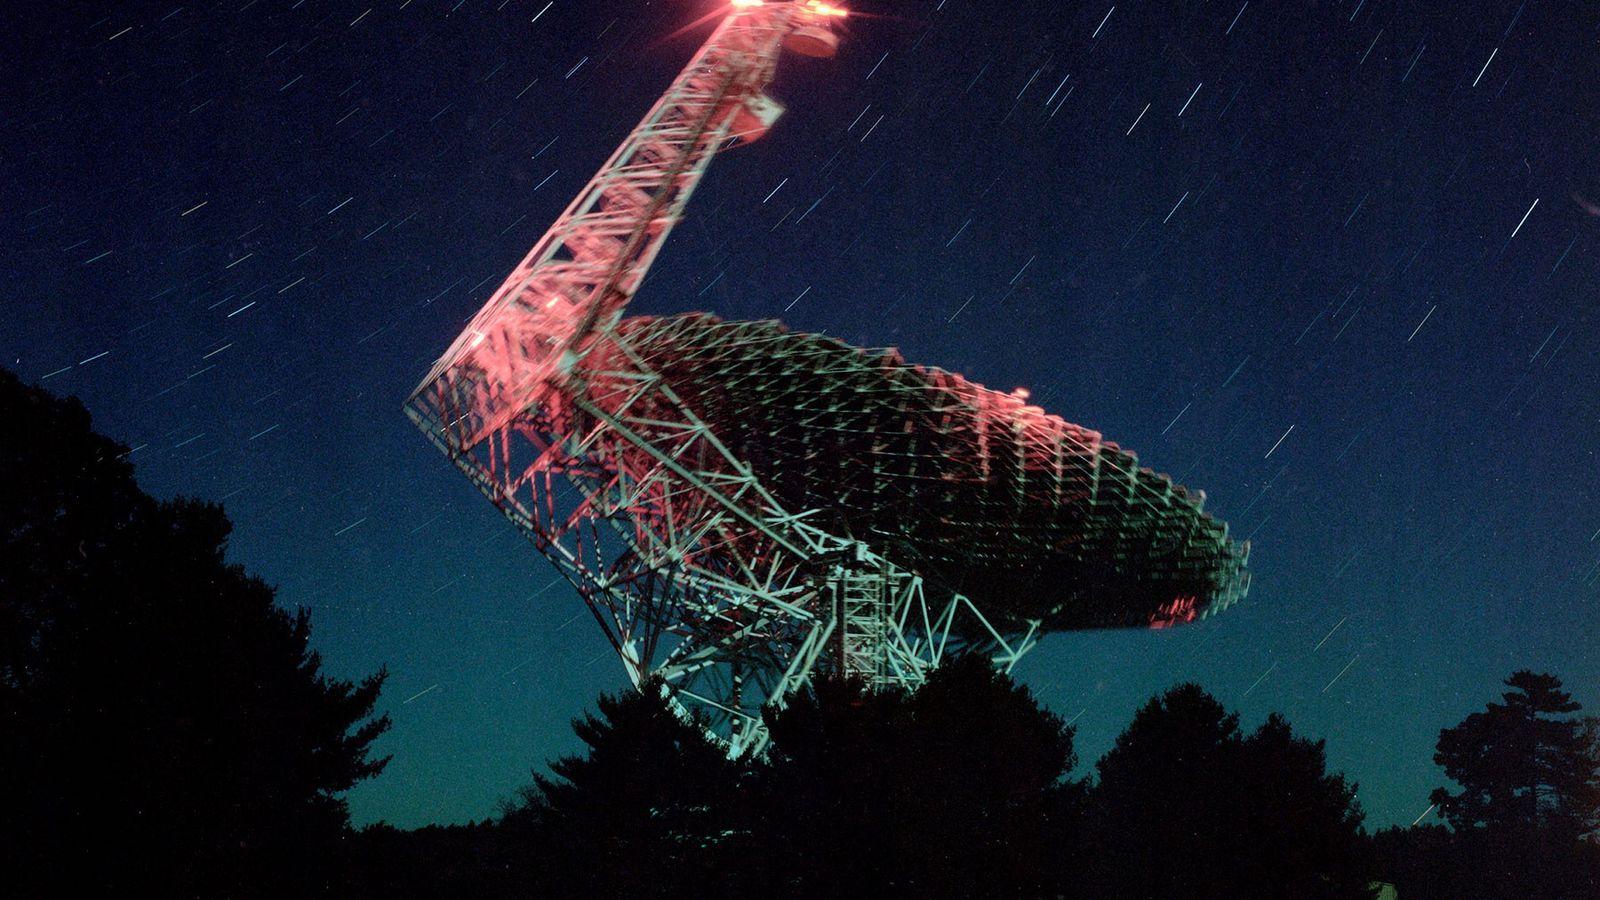 """O Telescópio de Green Bank, normalmente chamado pelos locais de """"a grande estrutura"""", é o maior ..."""